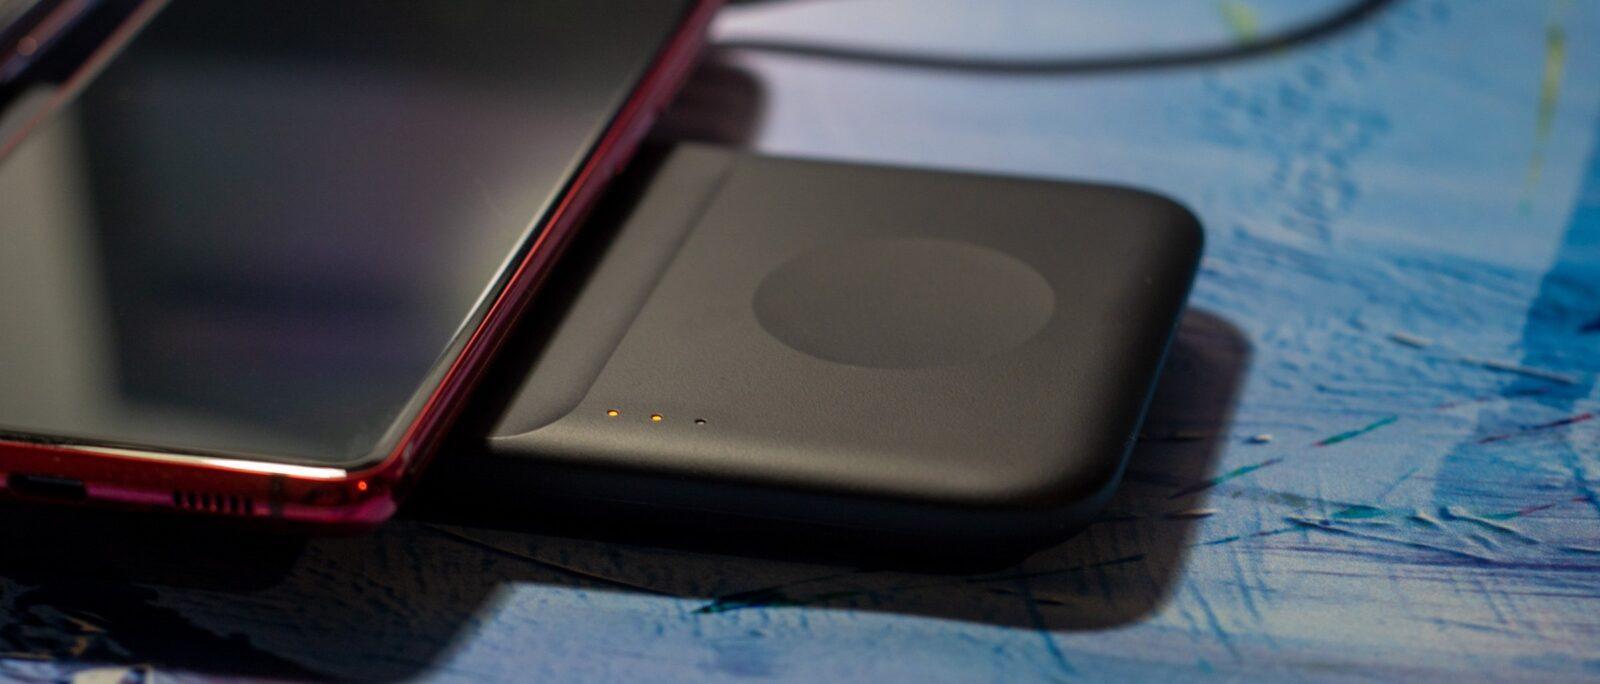 Обзор Samsung Wireless Charger Trio: без проводов и для трёх устройств (DSC 9747 Edit)